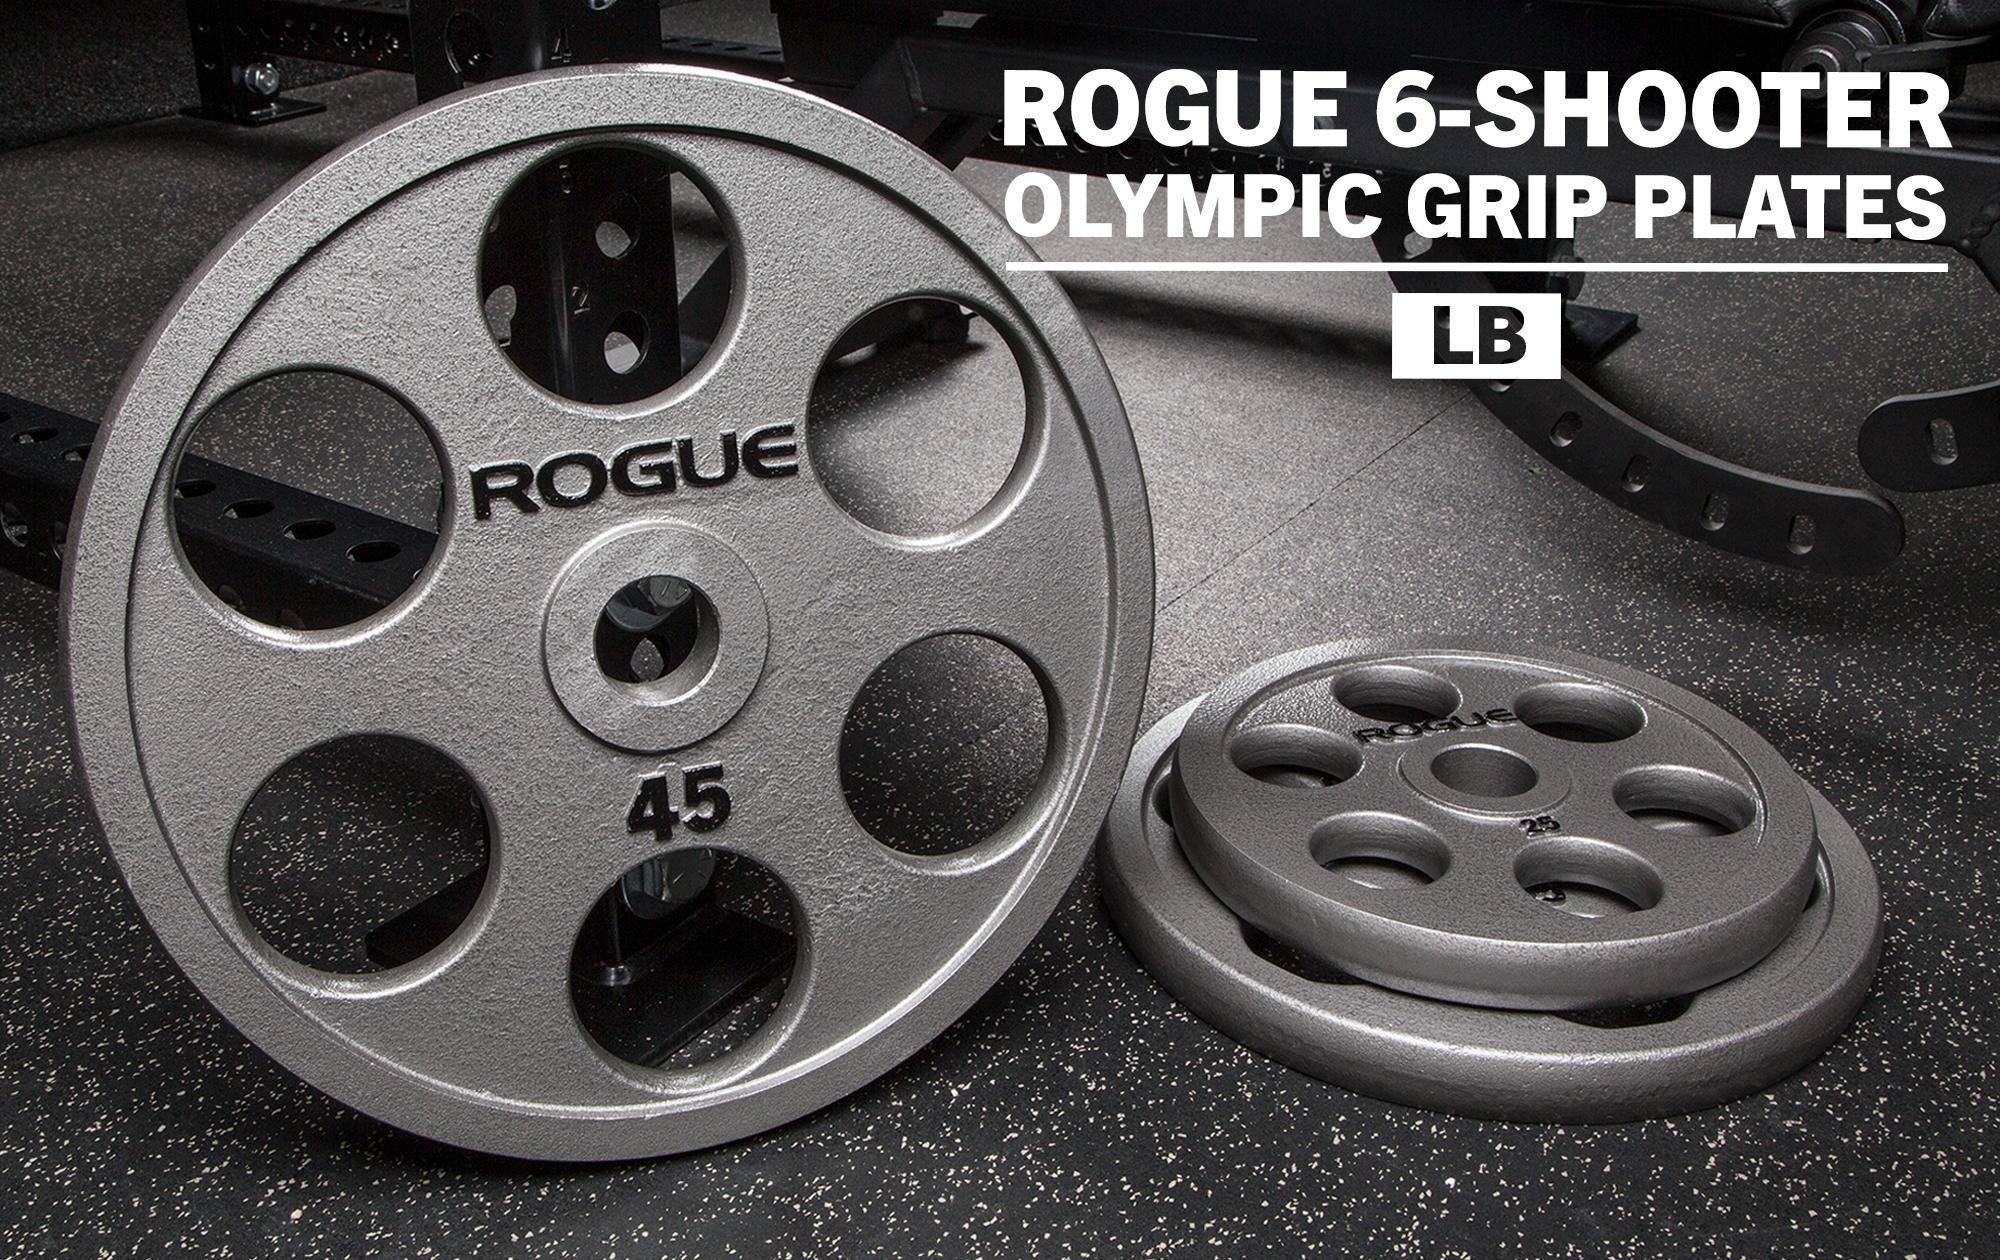 Rogue 6 shooter plates